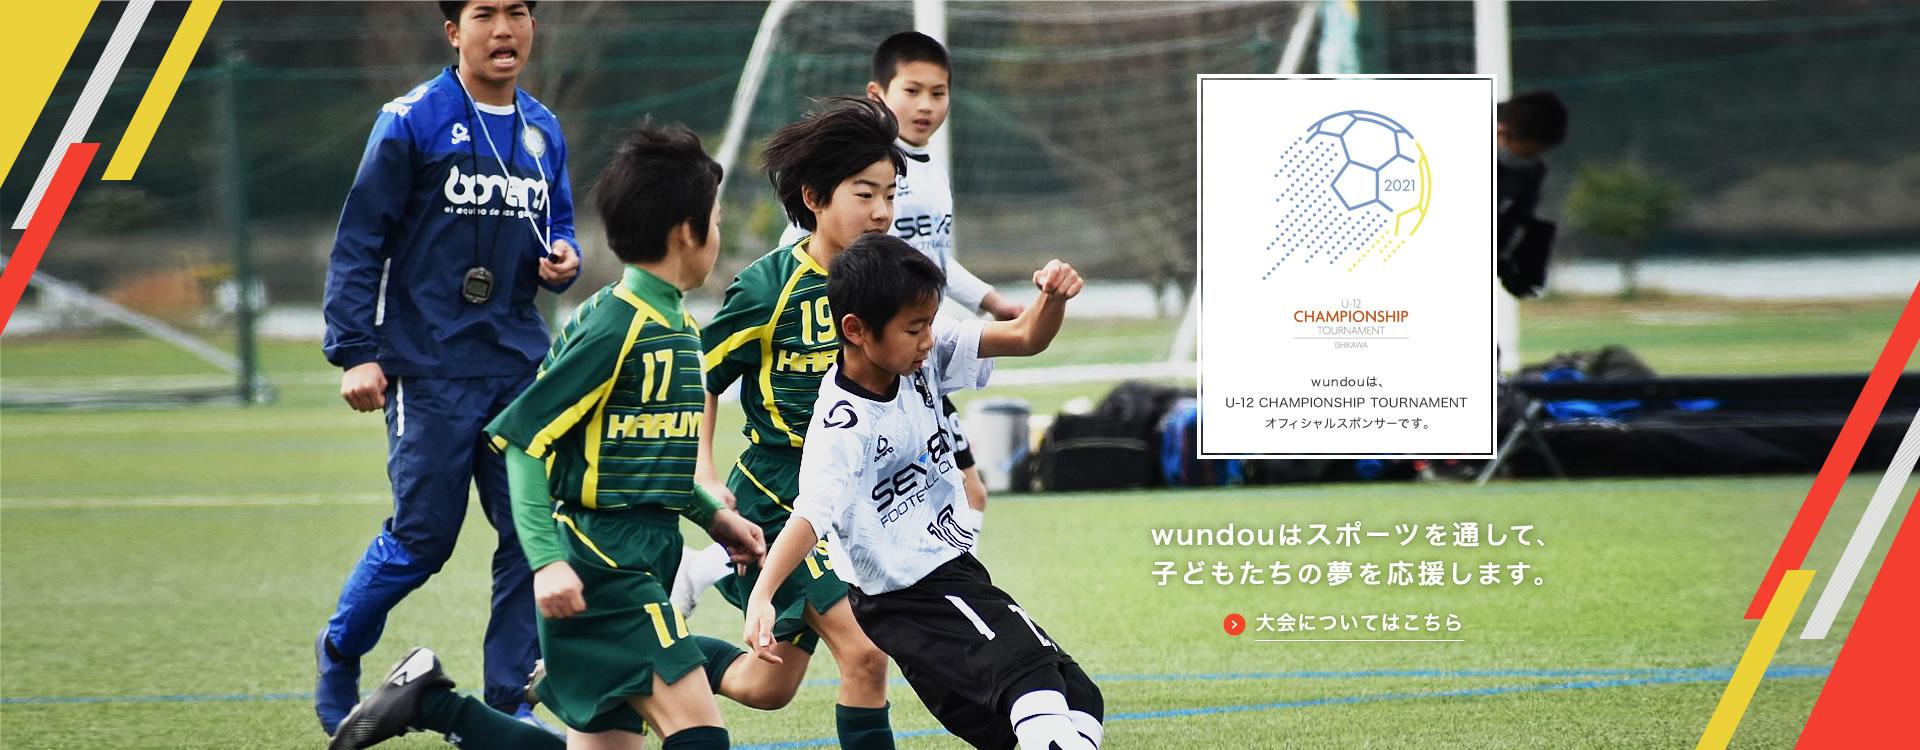 石川県U-12チャンピオンシップサッカートーナメントのオフィシャルスポンサーに決定!